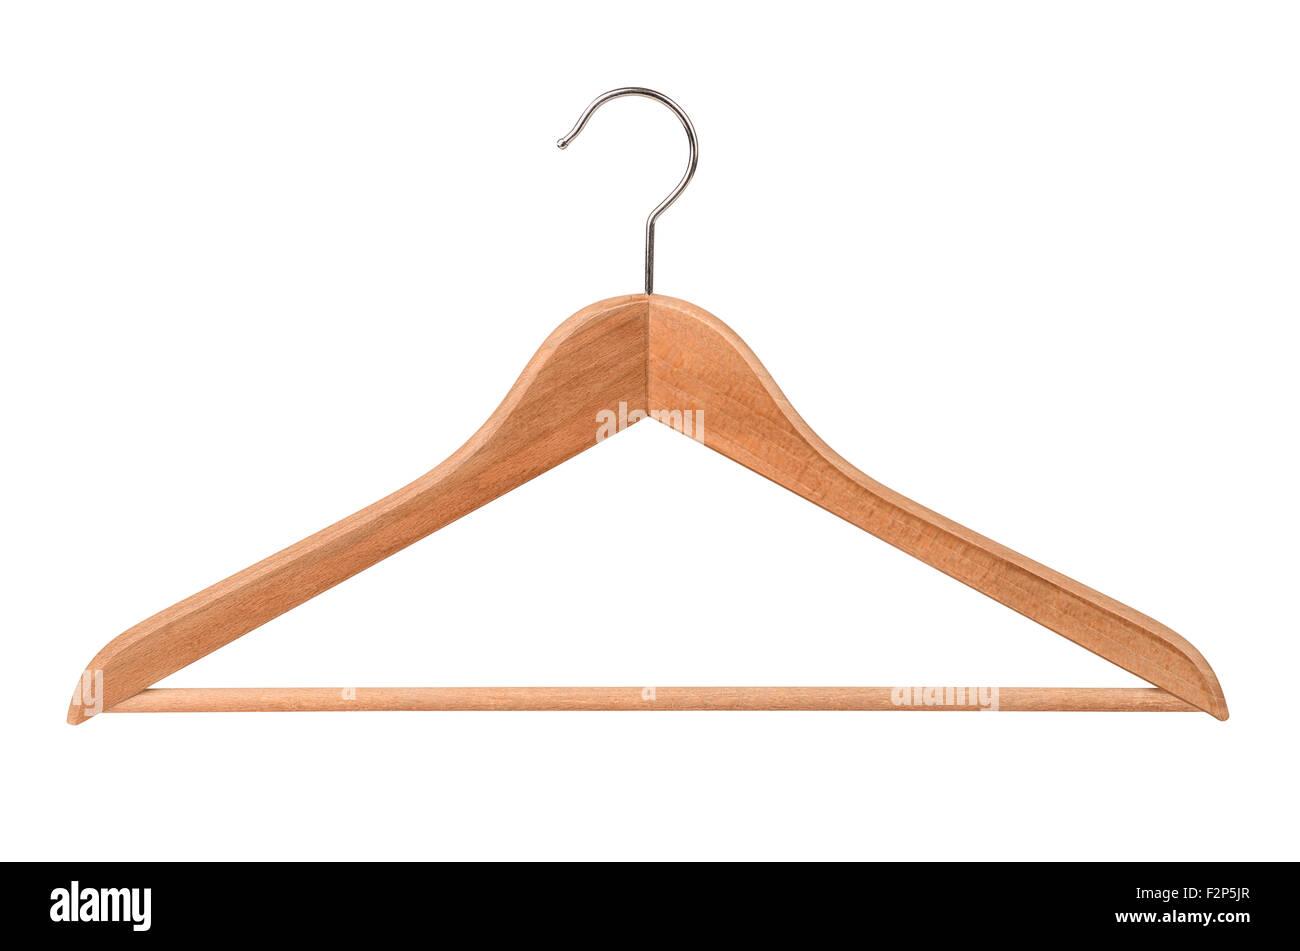 Hölzerne Kleiderbügel isoliert auf weiss Stockfoto